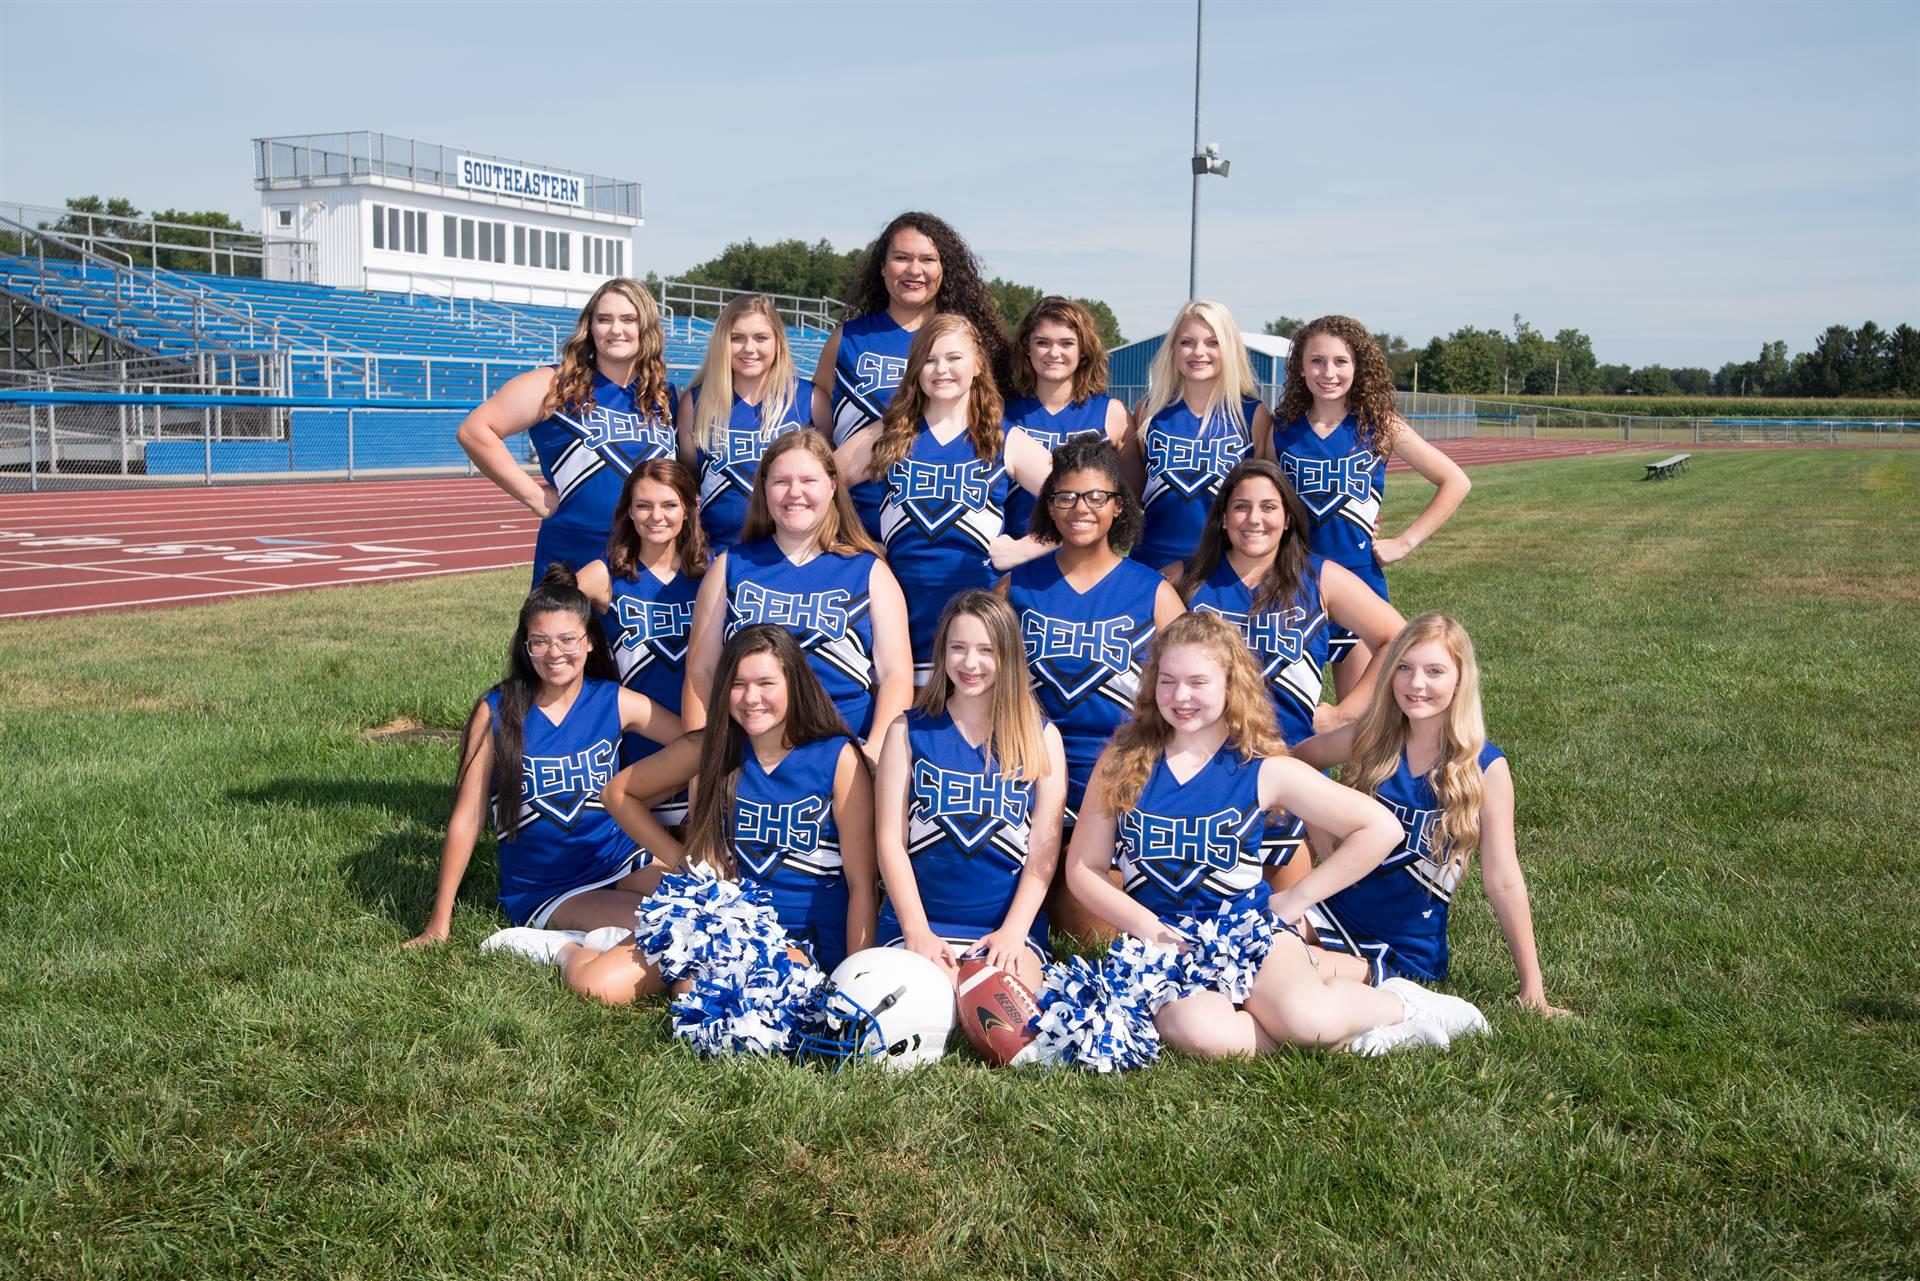 Varsity Cheer leaders